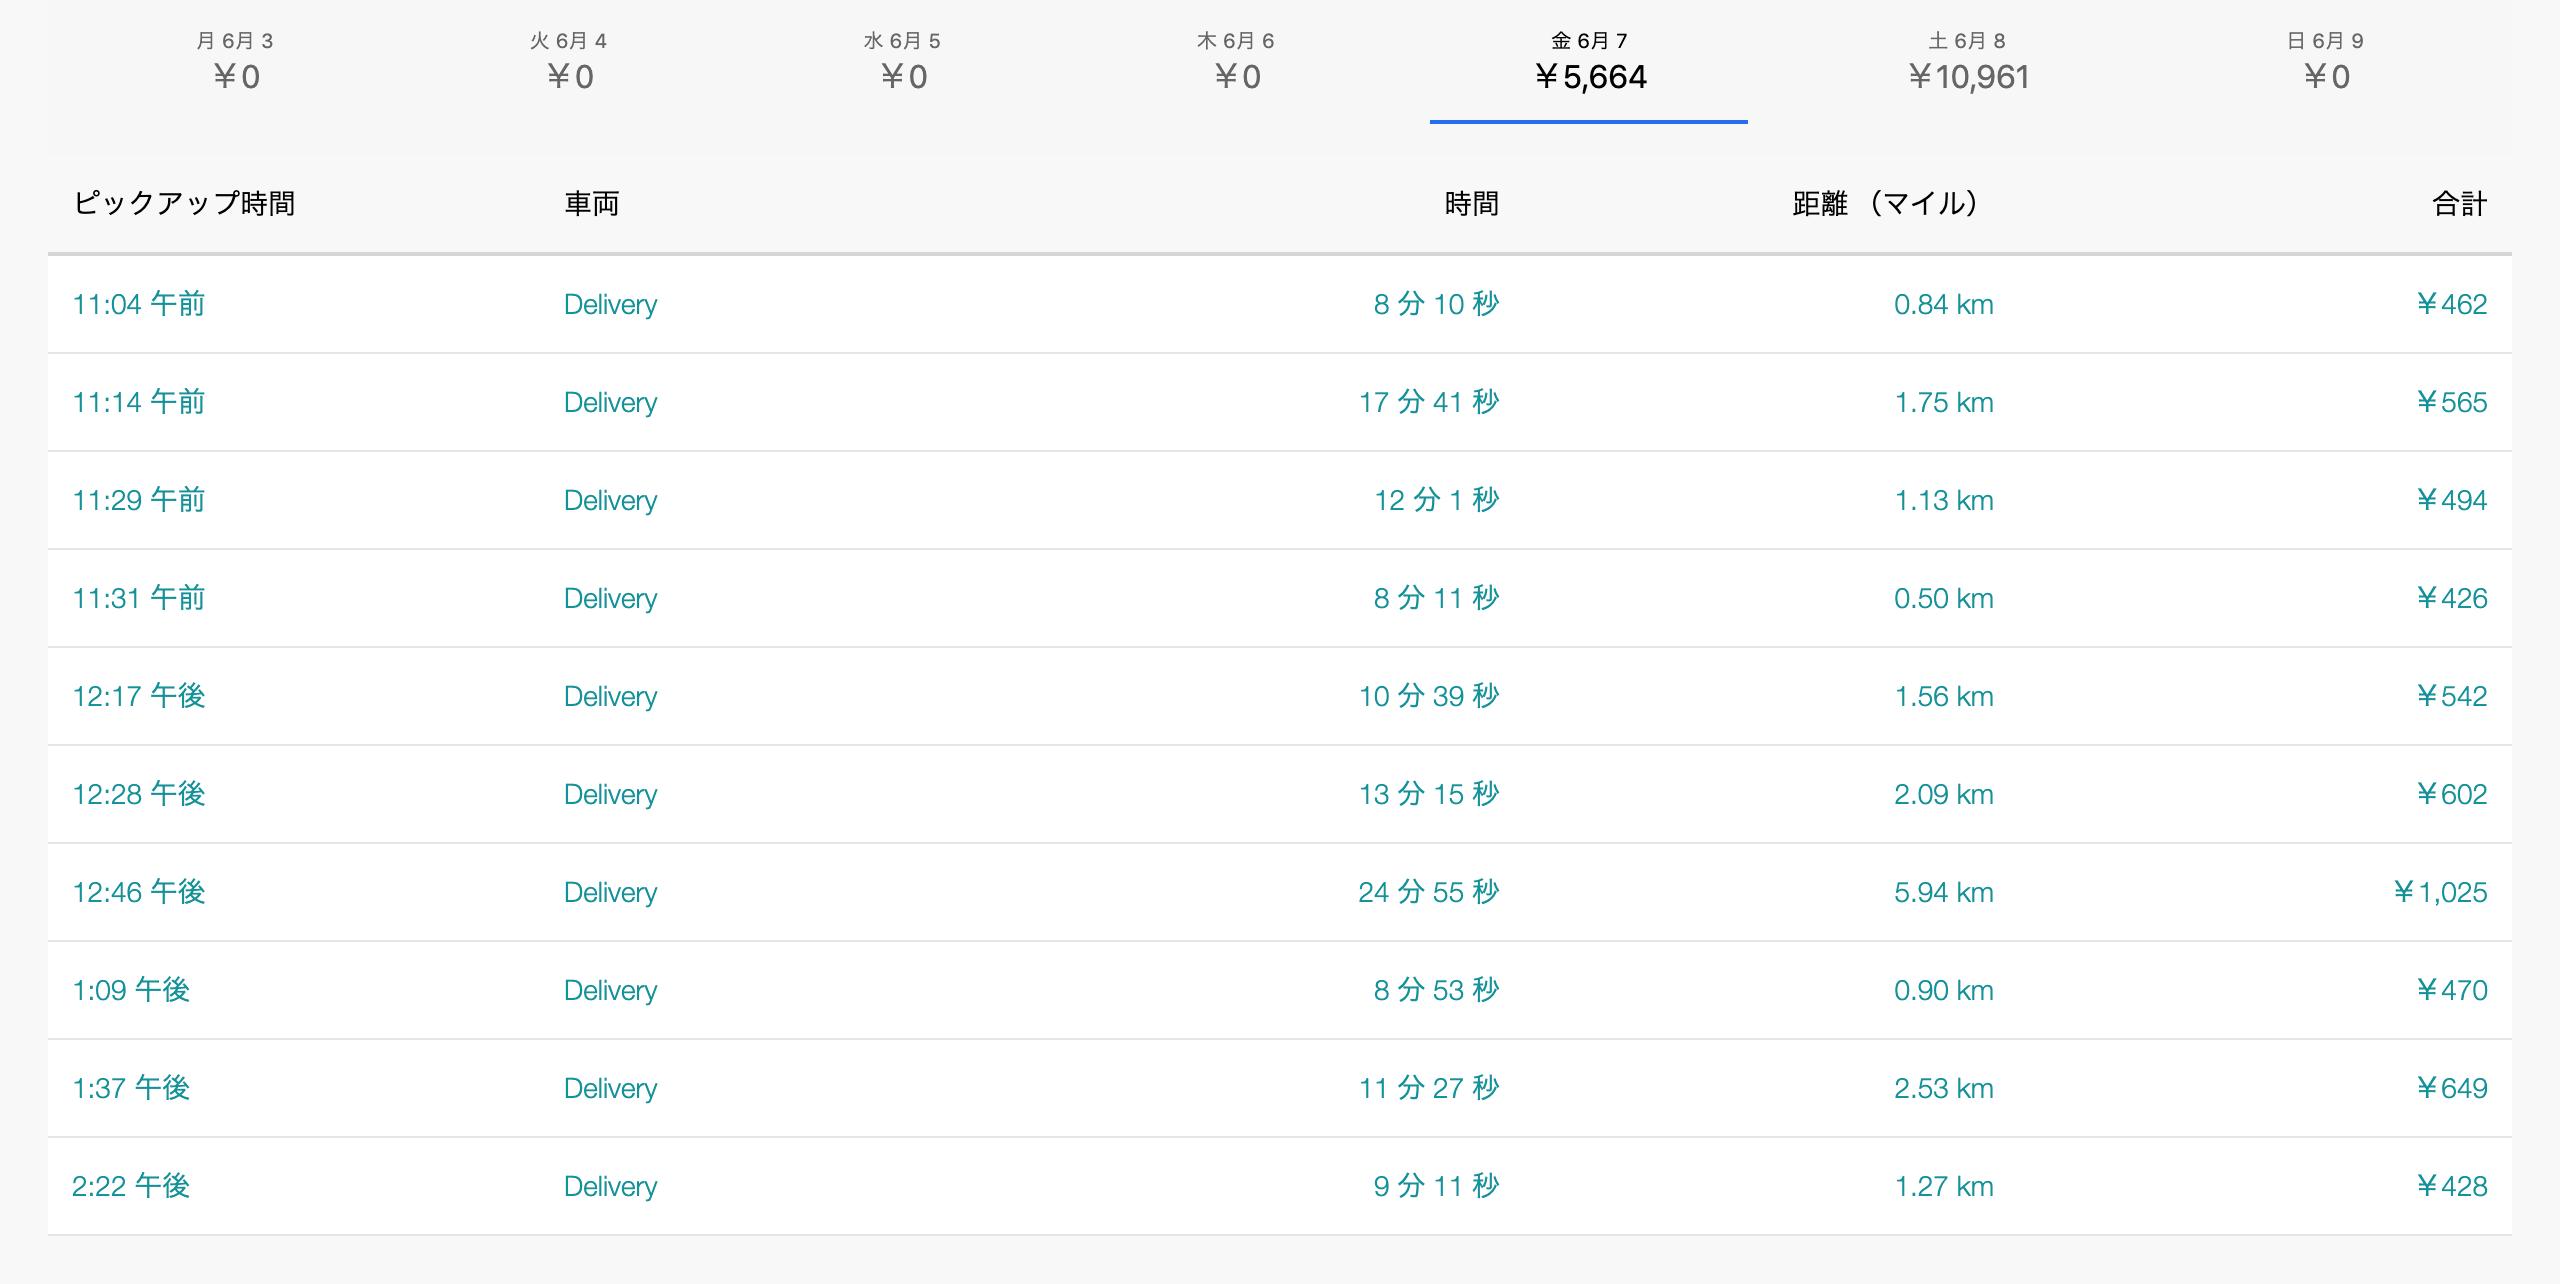 Uber Eats6月7日の配達数字